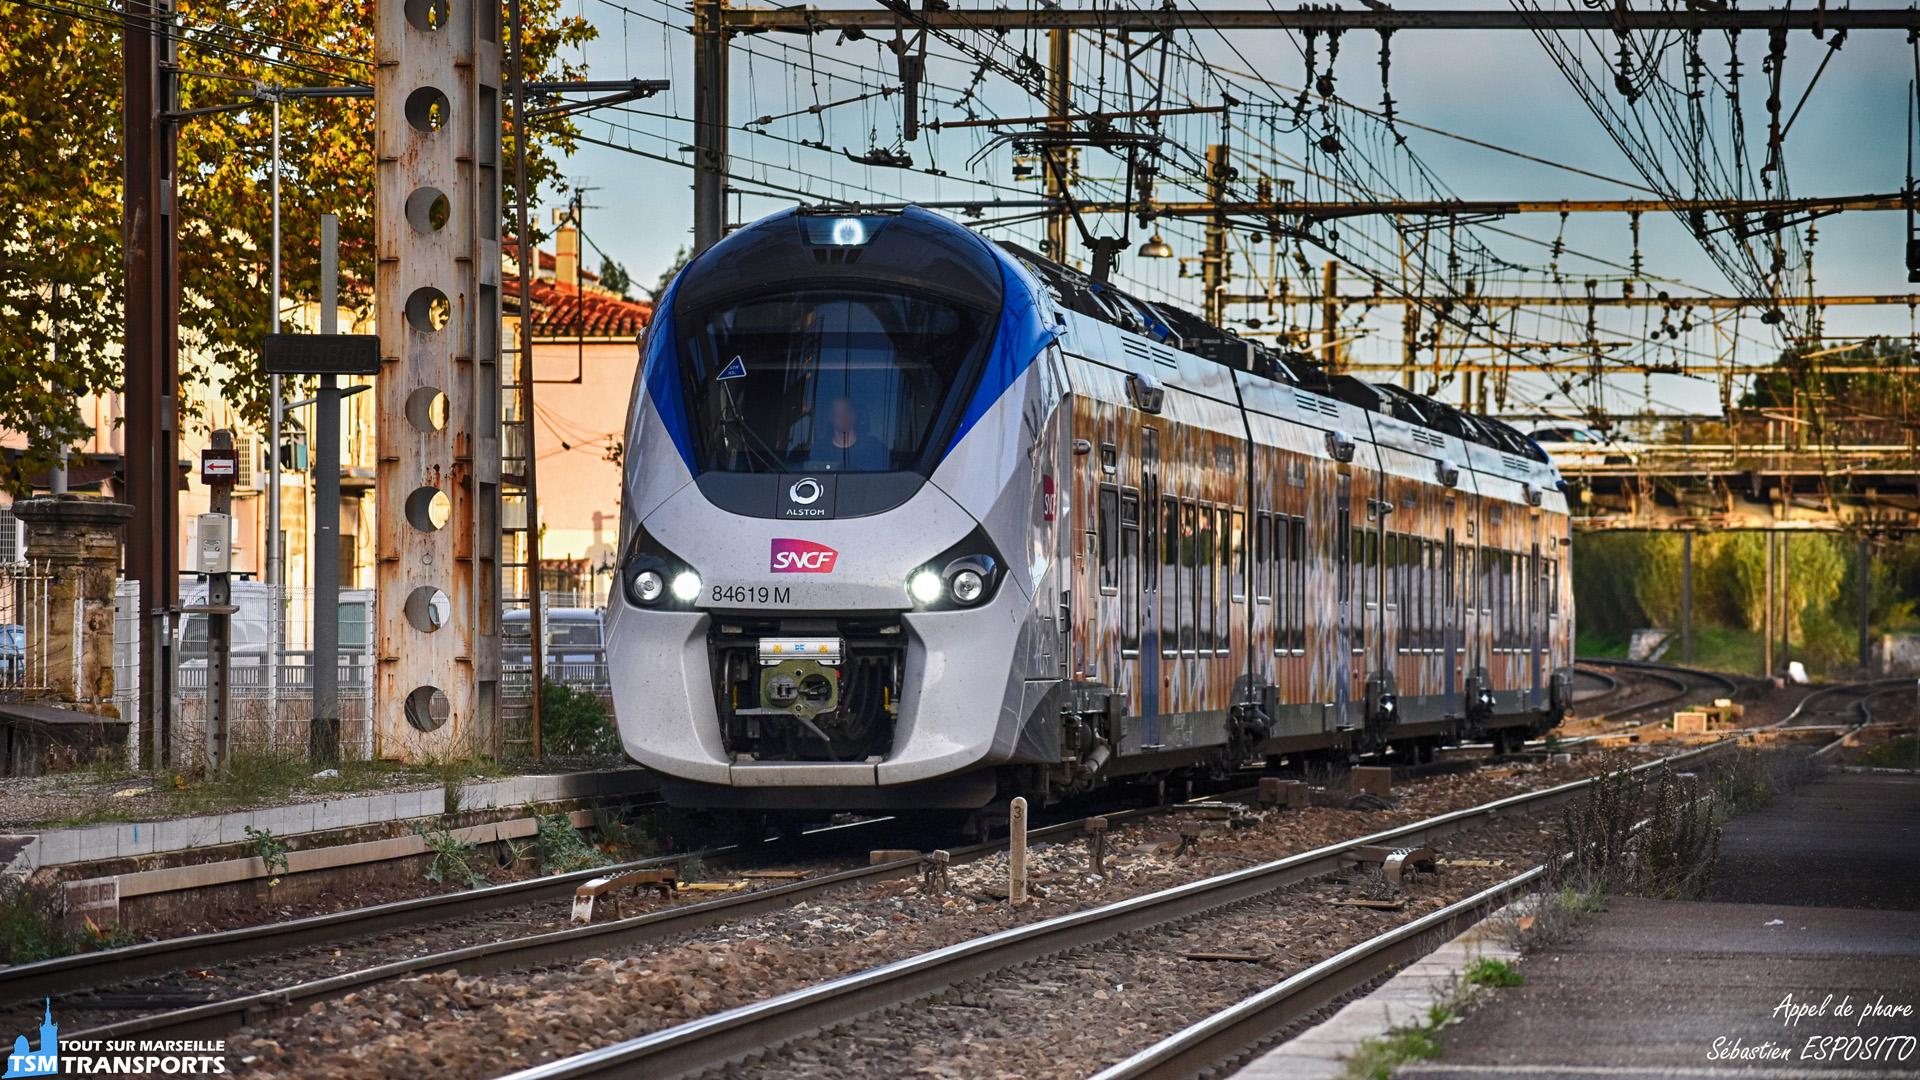 Alors que je venais de changer de quai pour aller spot sous un autre angle, cet Alstom Régiolis Bimode déboule en gare de Miramas en voie C, avec aux commandes, un conducteur assez sympathique qui m'offre quelques appels de phares et un grand salut ✌️. . ℹ️ Alstom Régiolis Bimode B84500 (B84619 M) en mode électrique. . 📍 Gare de Miramas, , Place Pierre Beley, 13140 MIRAMAS. . ↔️ TER : Marseille - Avignon. . 🛤️ Voie C. . 📸 Nikon D5600. . 📷 Nikkor 70-300mm. . 📅 1er Décembre 2018 à 16:06. . 👨 Sébastien ESPOSITO